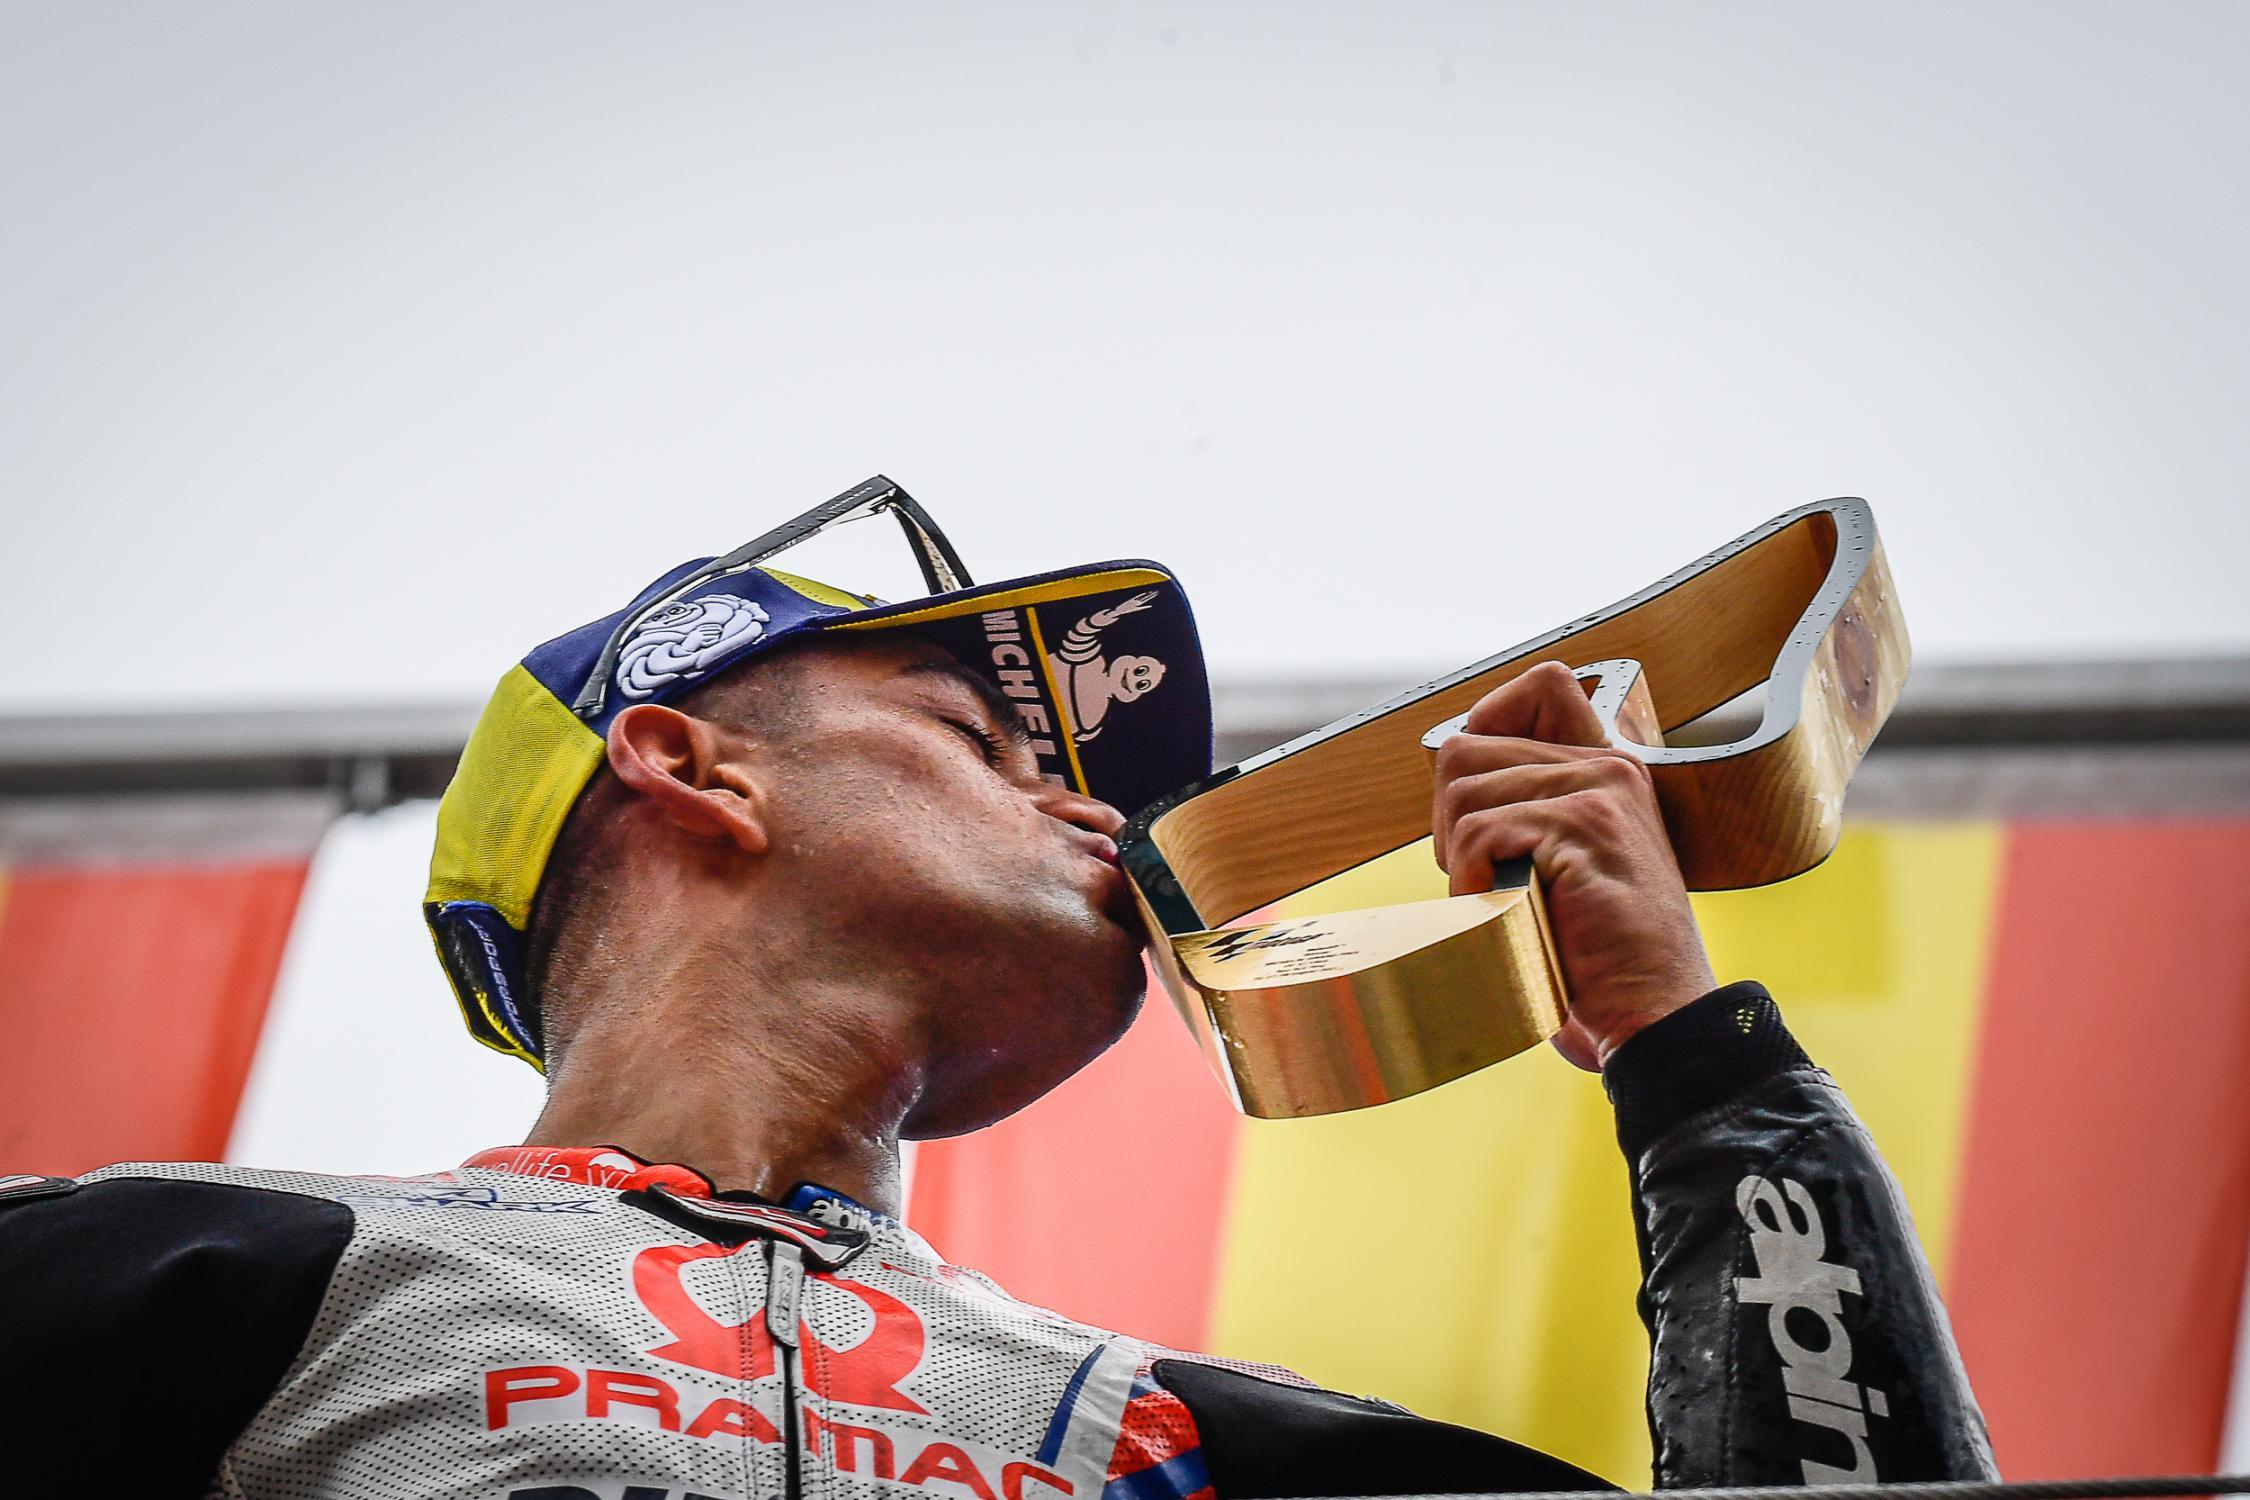 Moto GP 2021: Результаты Гран-При Австрии